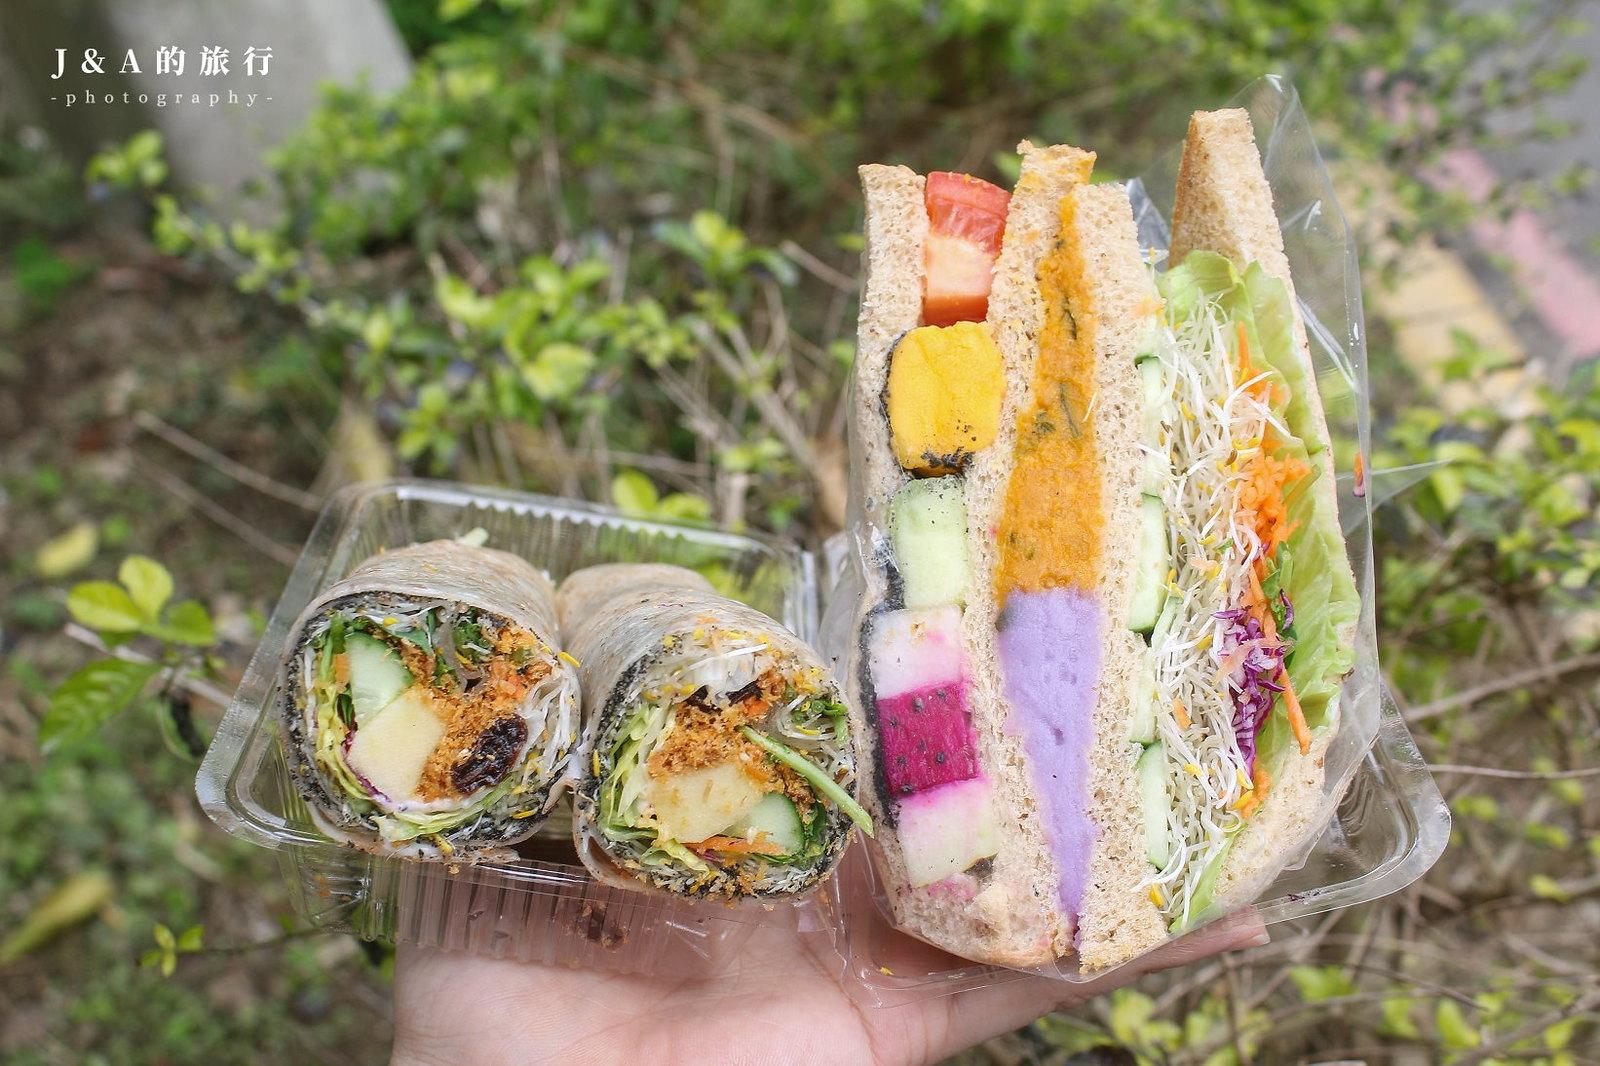 最新推播訊息:35元就能吃到爆餡蔬果三明治!